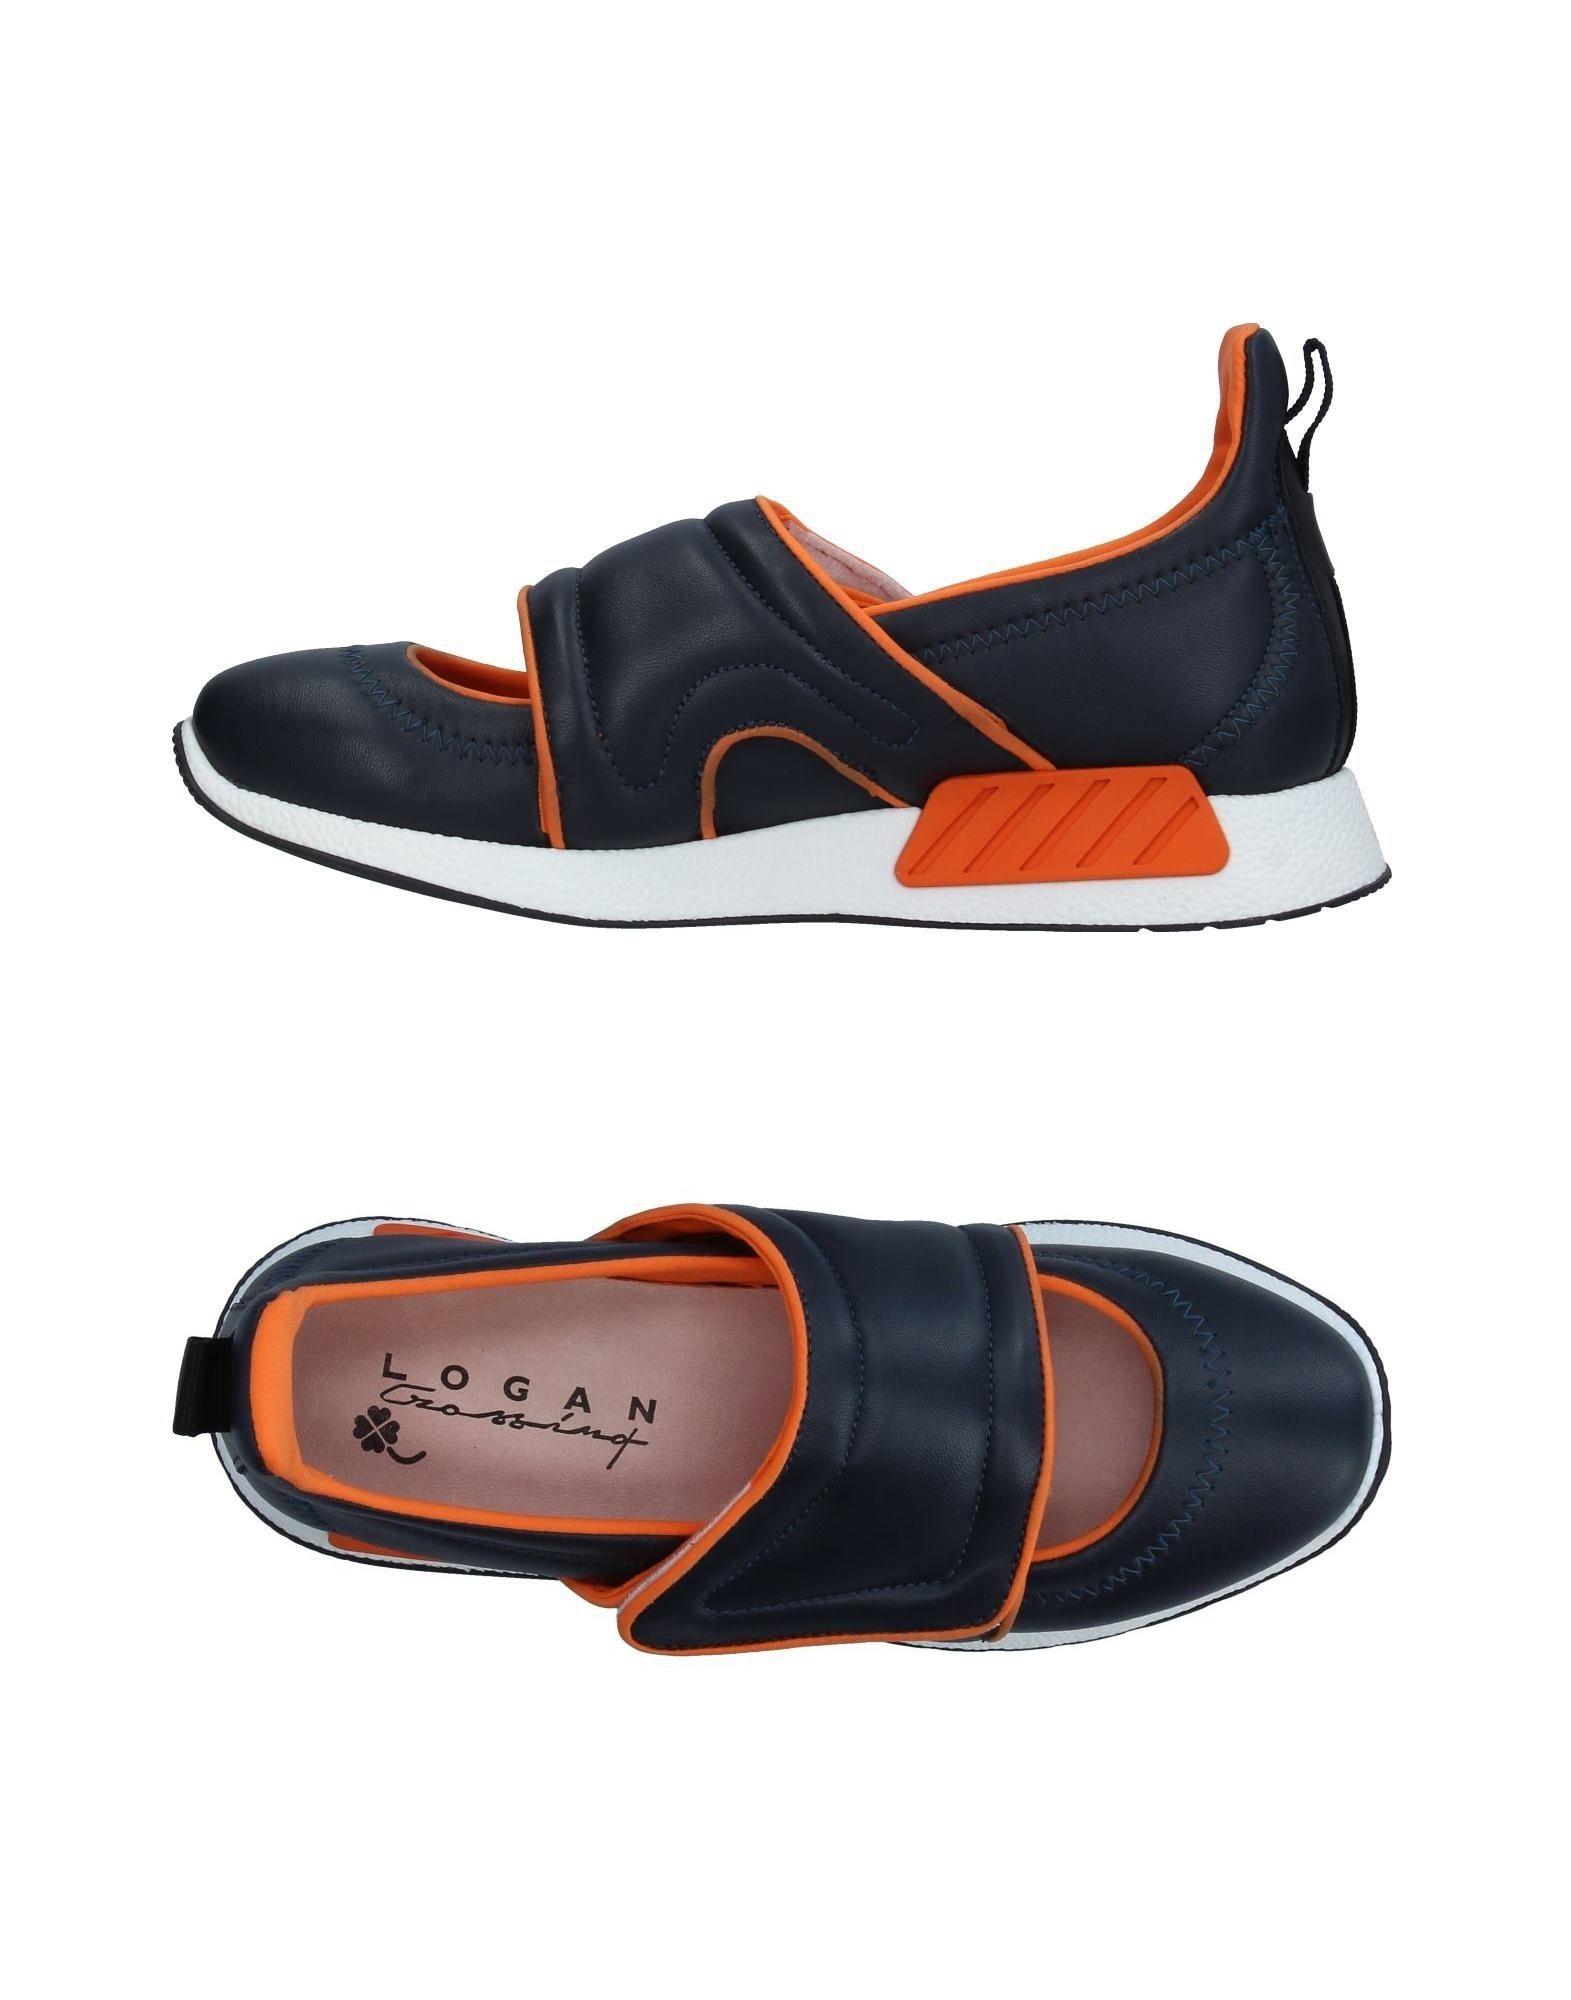 LOGAN CROSSING Низкие кеды и кроссовки кроссовки logan кроссовки